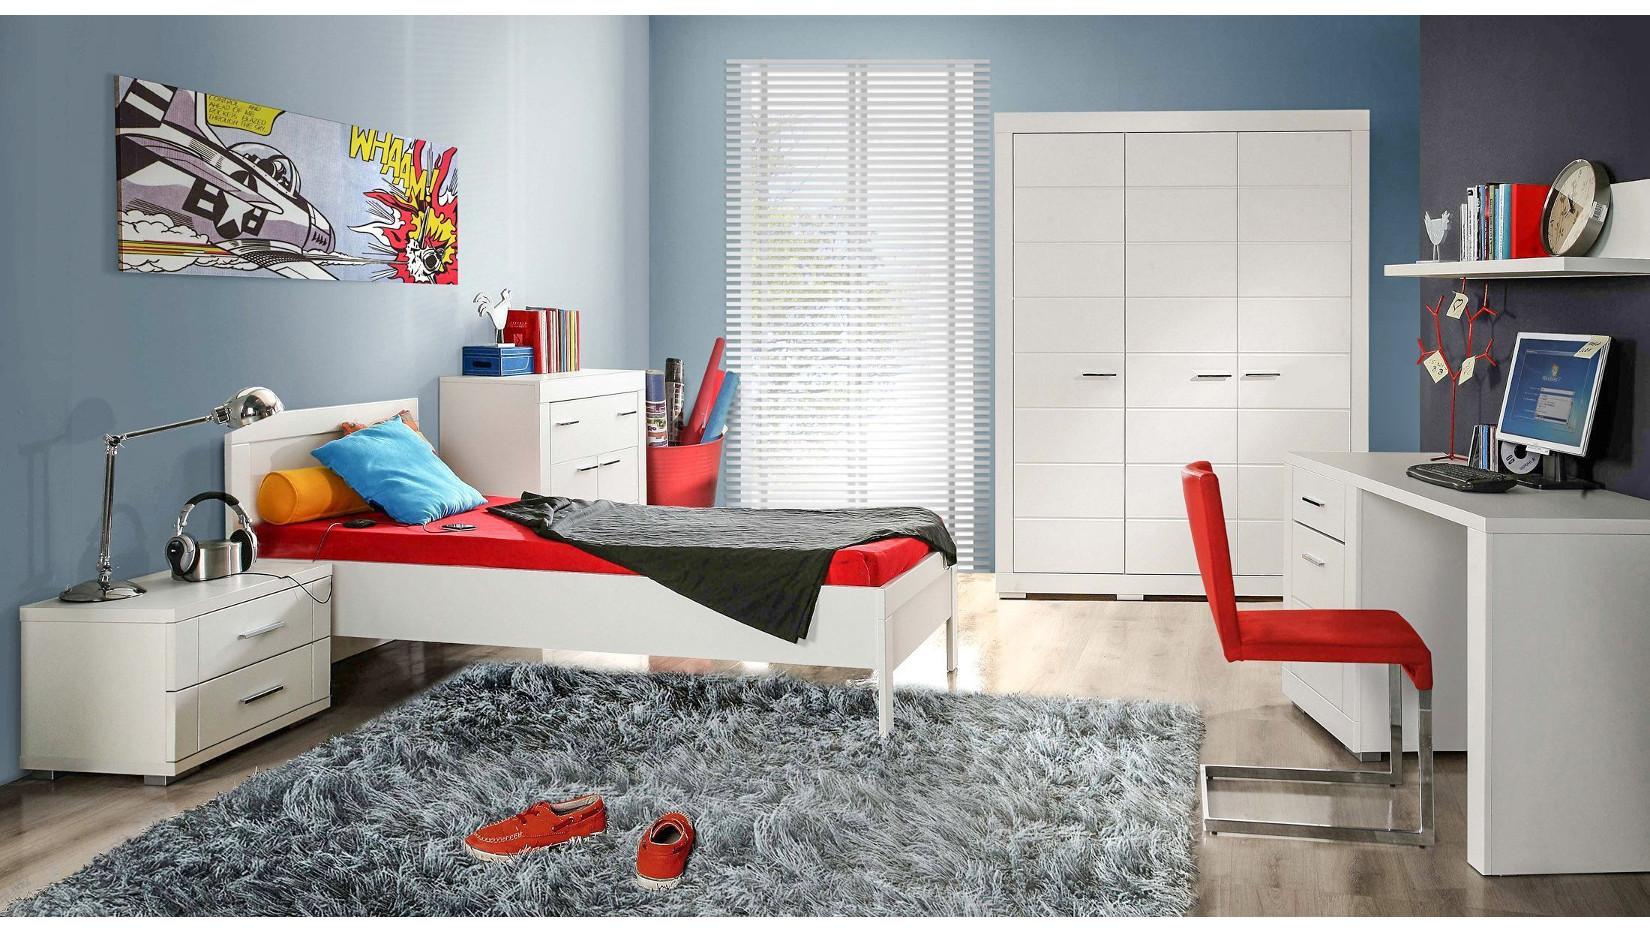 Pokój młodzieżowy. Jak powinien wyglądać pokój nastolatki